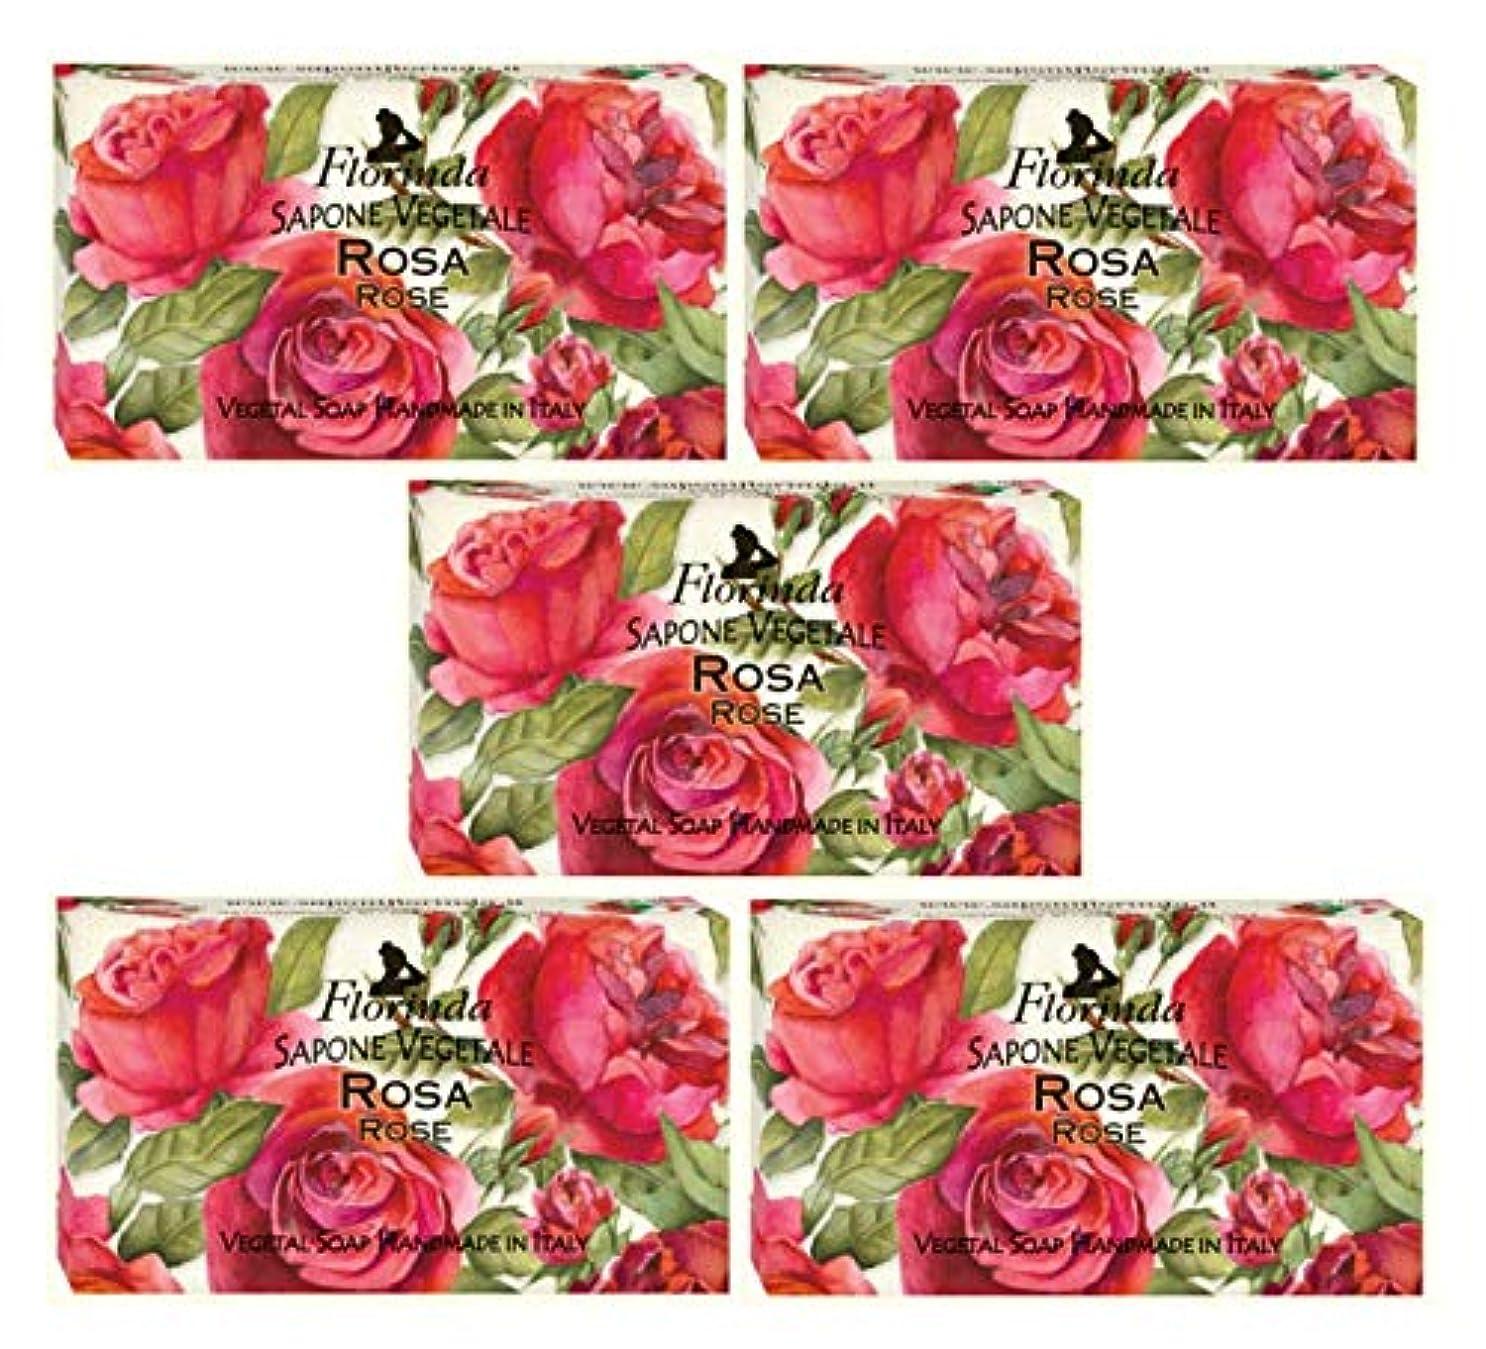 スポンサーゲストウェイターフロリンダ フレグランスソープ 固形石けん 花の香り ローズ 95g×5個セット